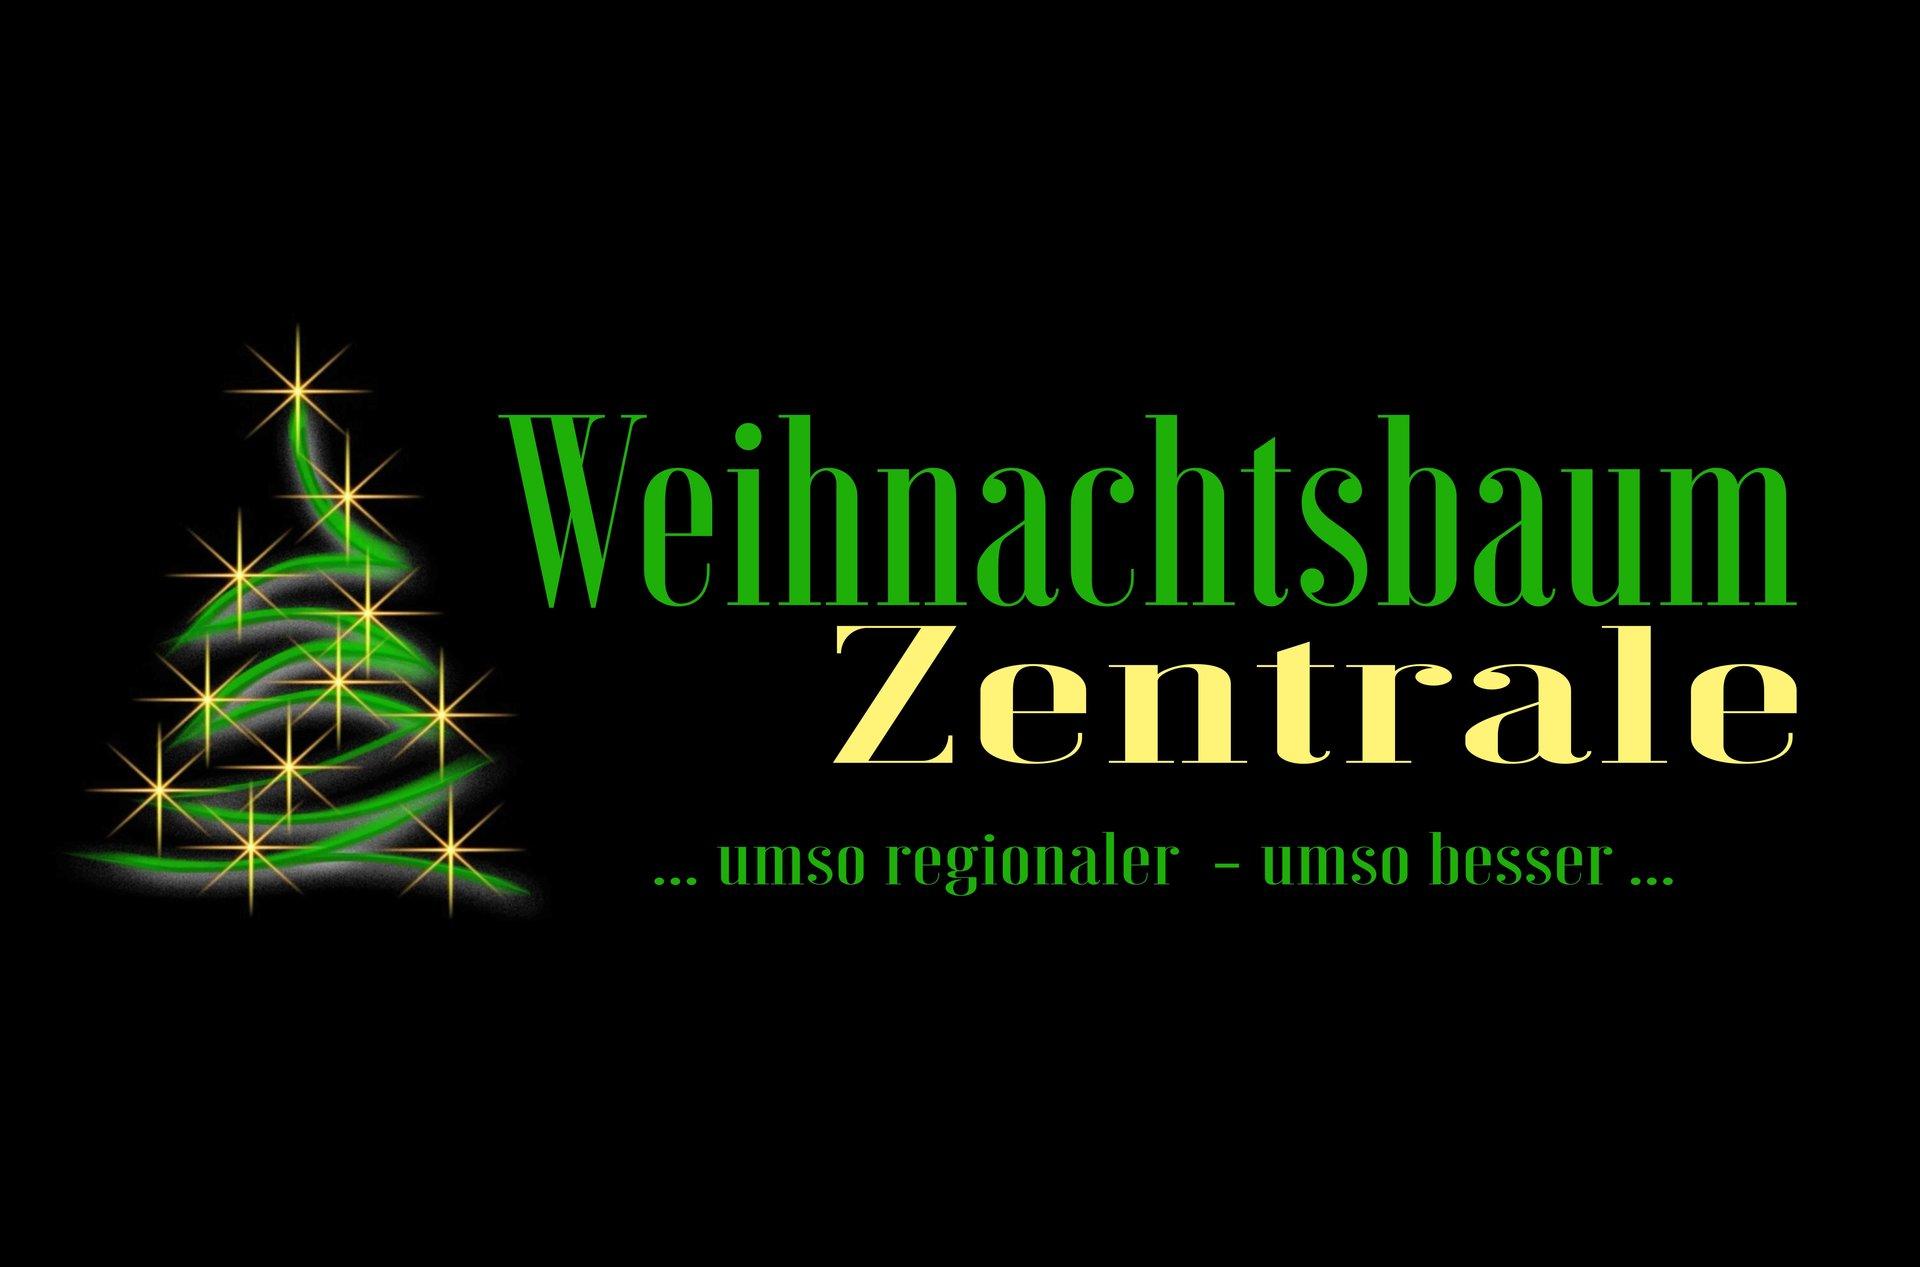 Weihnachtsbaum Berlin Lieferung.Weihnachtsbaum Preise 2019 Großhandel Großhändler